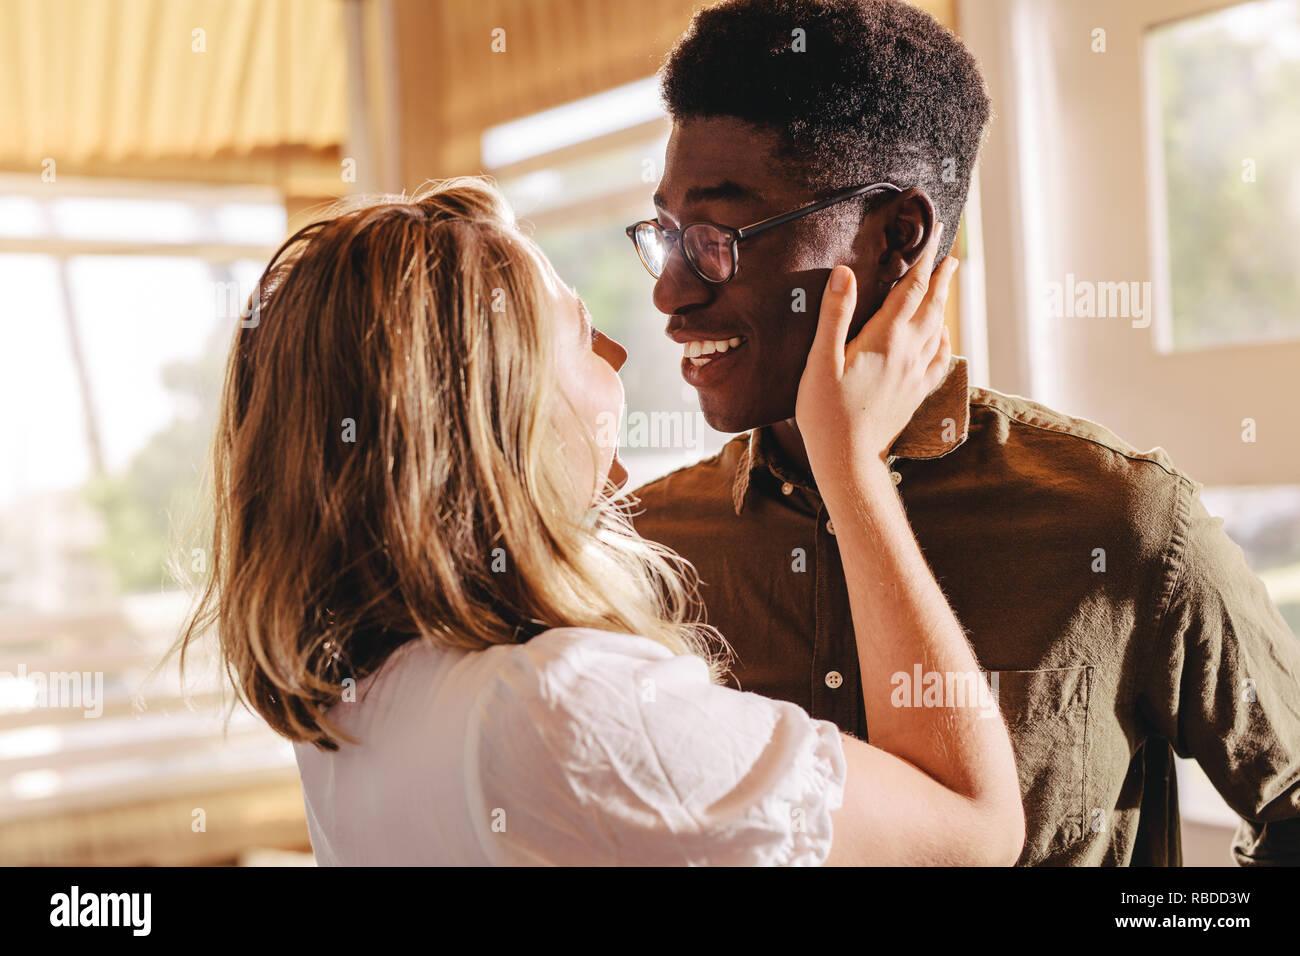 Beau couple interracial à uns les autres avec amour tout en se tenant à l'intérieur. L'homme et de la femme romantique enlacés. Banque D'Images